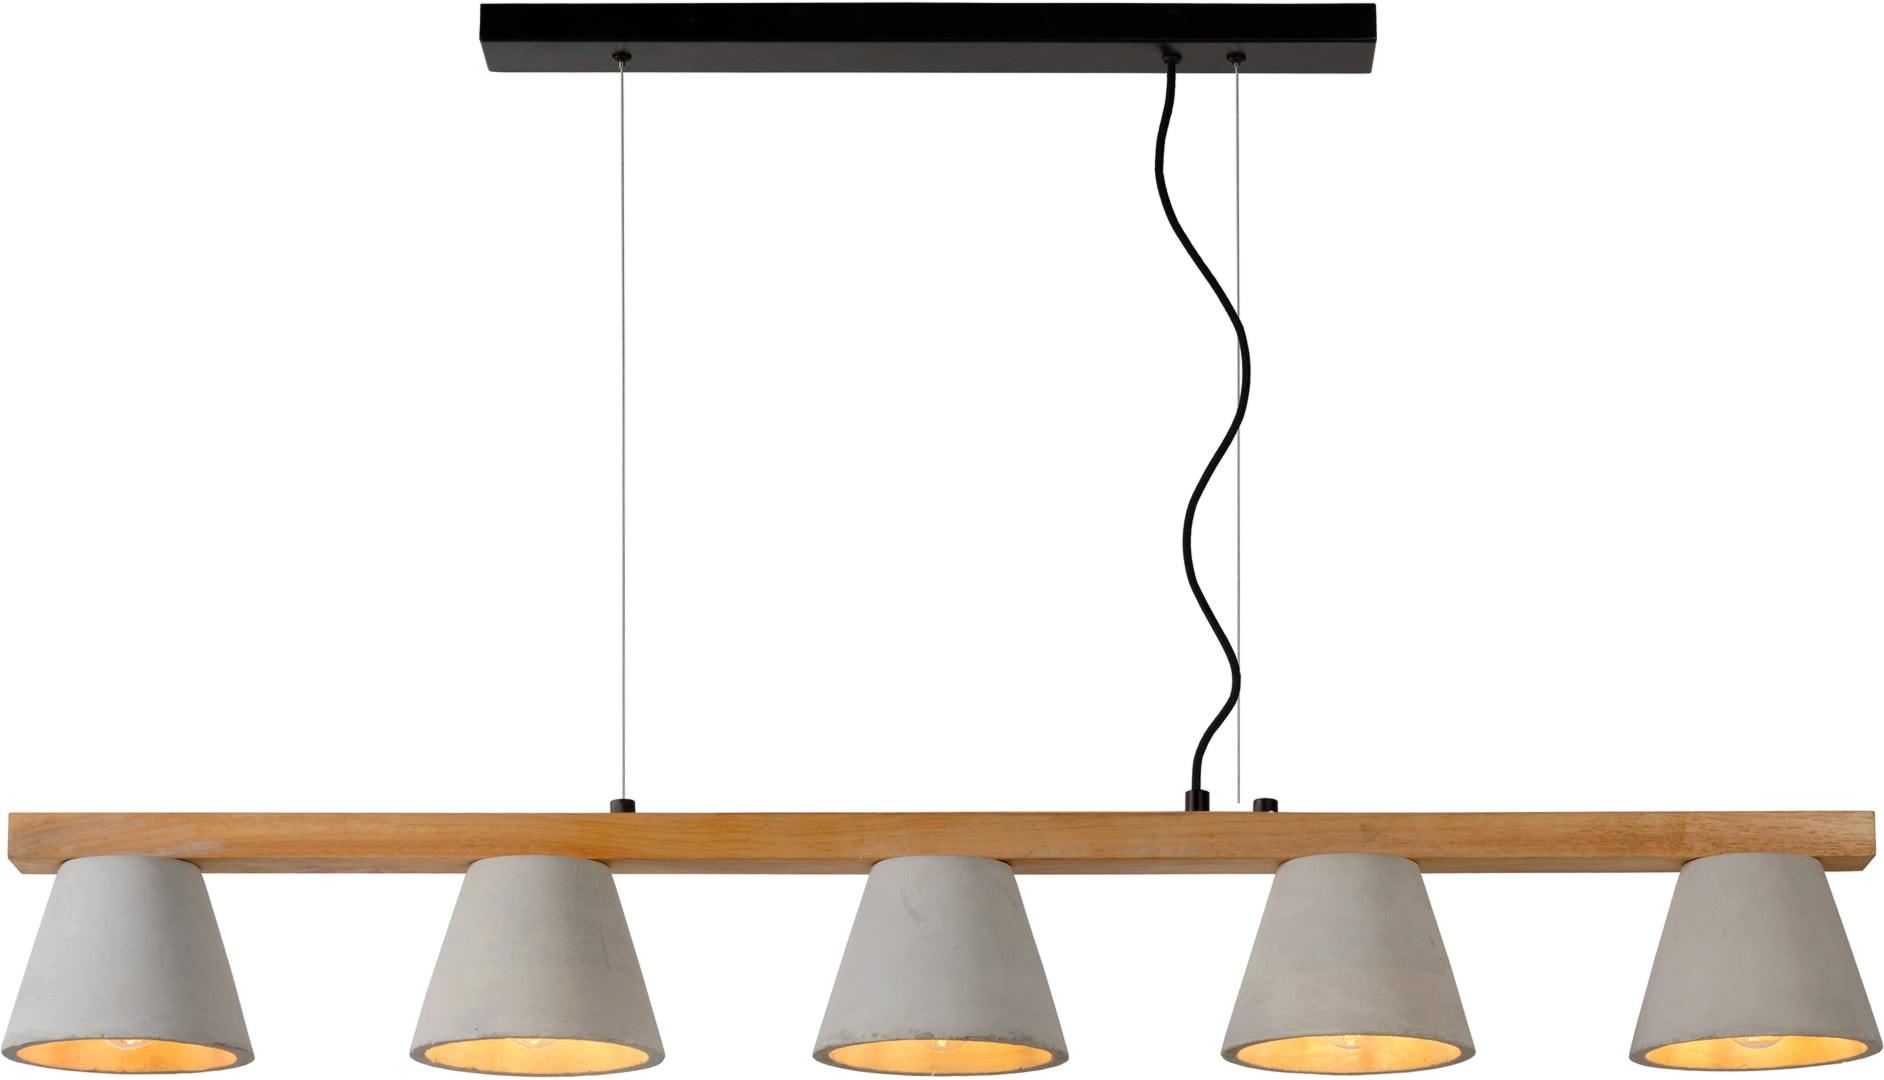 suspension design en m tal blanc solice. Black Bedroom Furniture Sets. Home Design Ideas